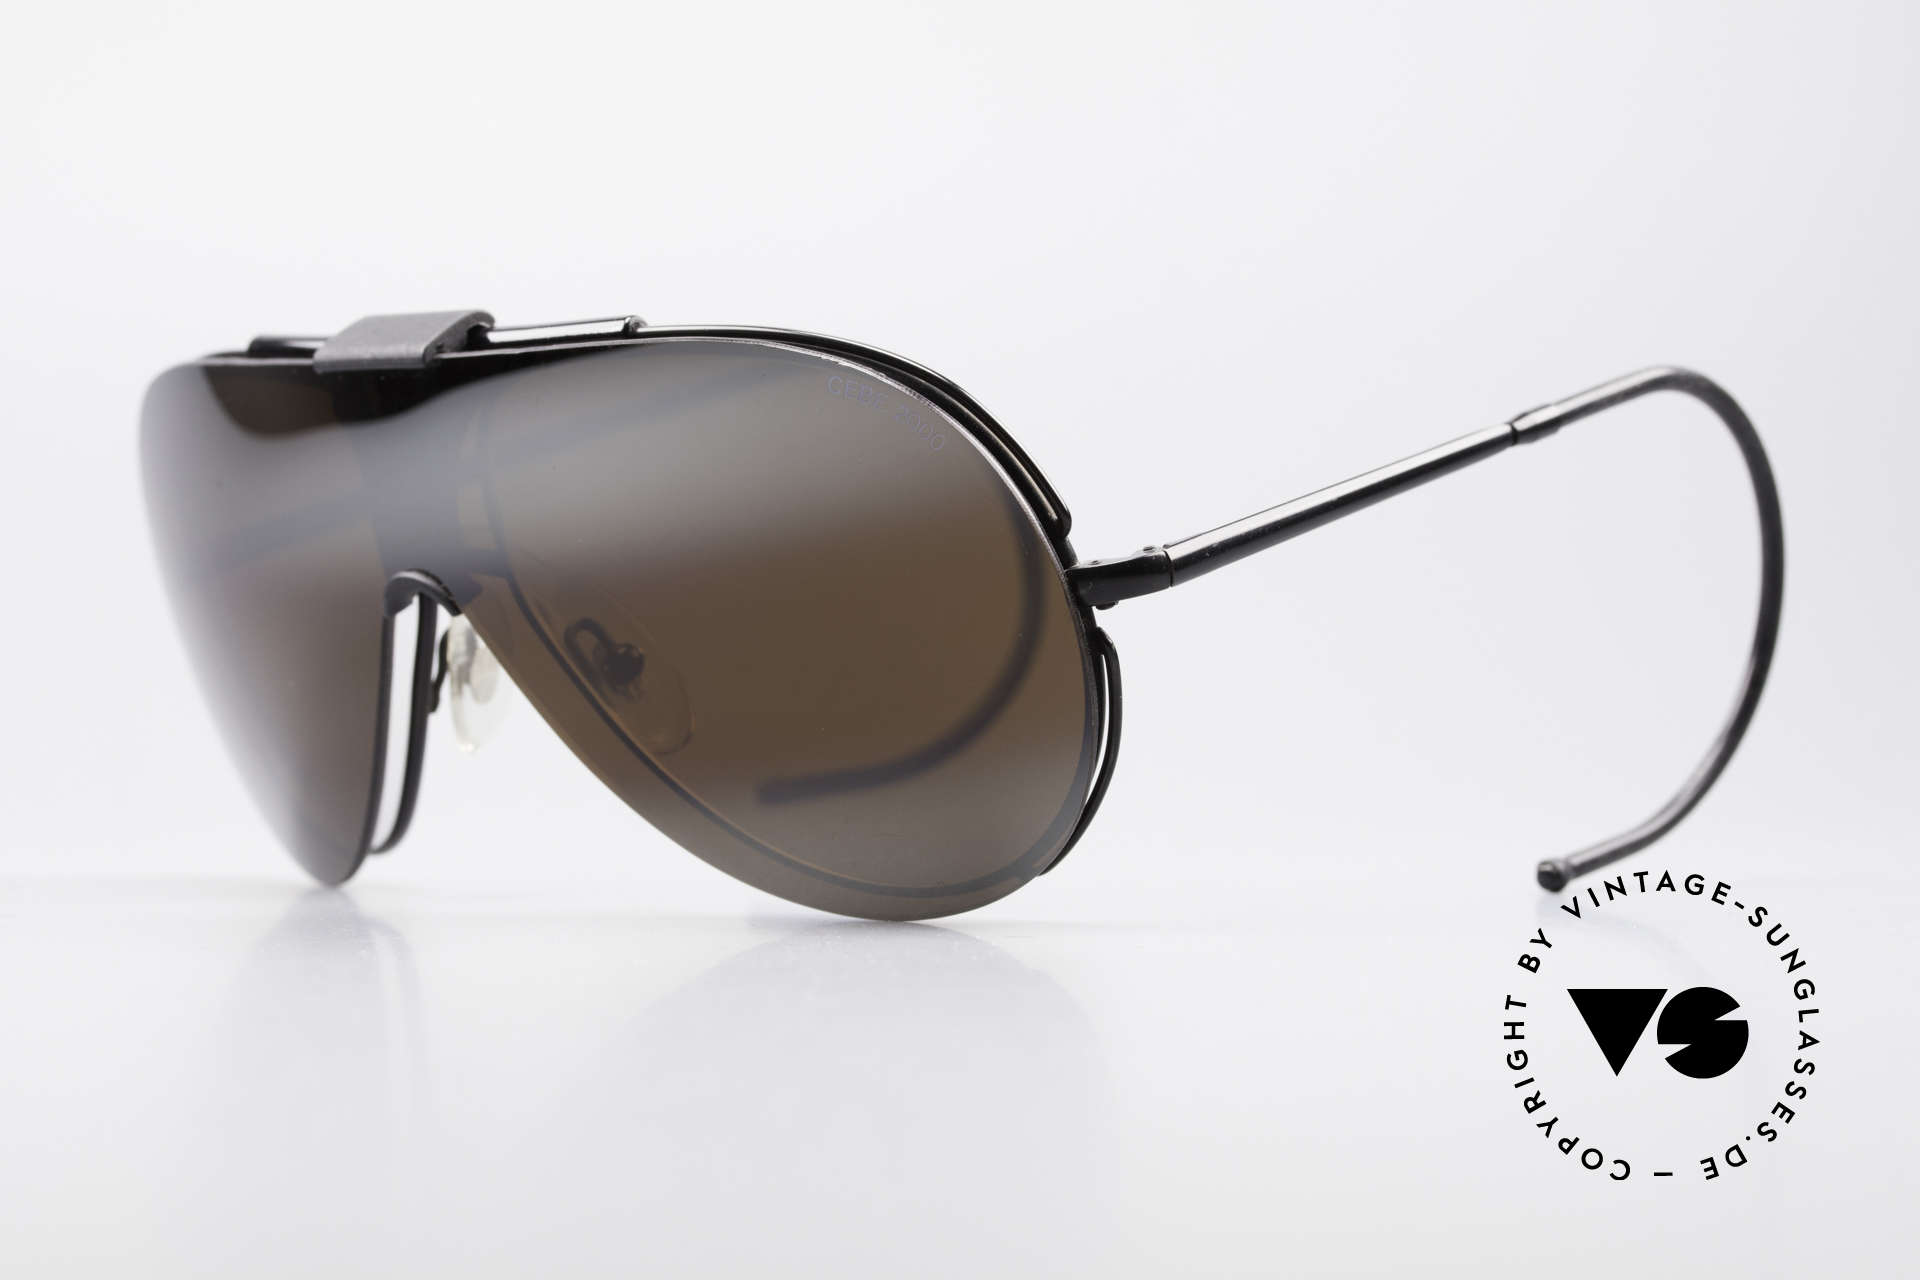 Cebe 2000 Clip On Rallye Sportbrille, abnehmbarer Sonnen-Clip; somit auch als Brille nutzbar, Passend für Herren